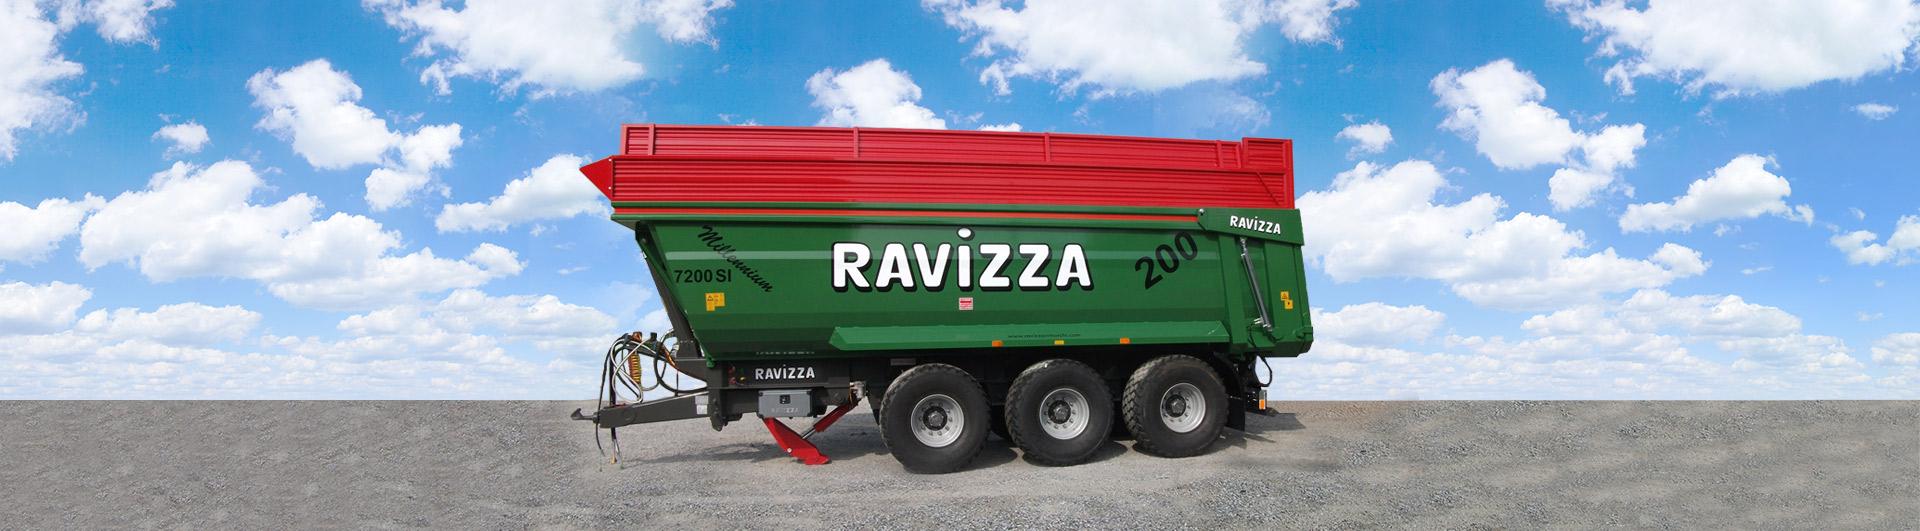 ravizza rimorchi costruzione carri botte ribaltabili